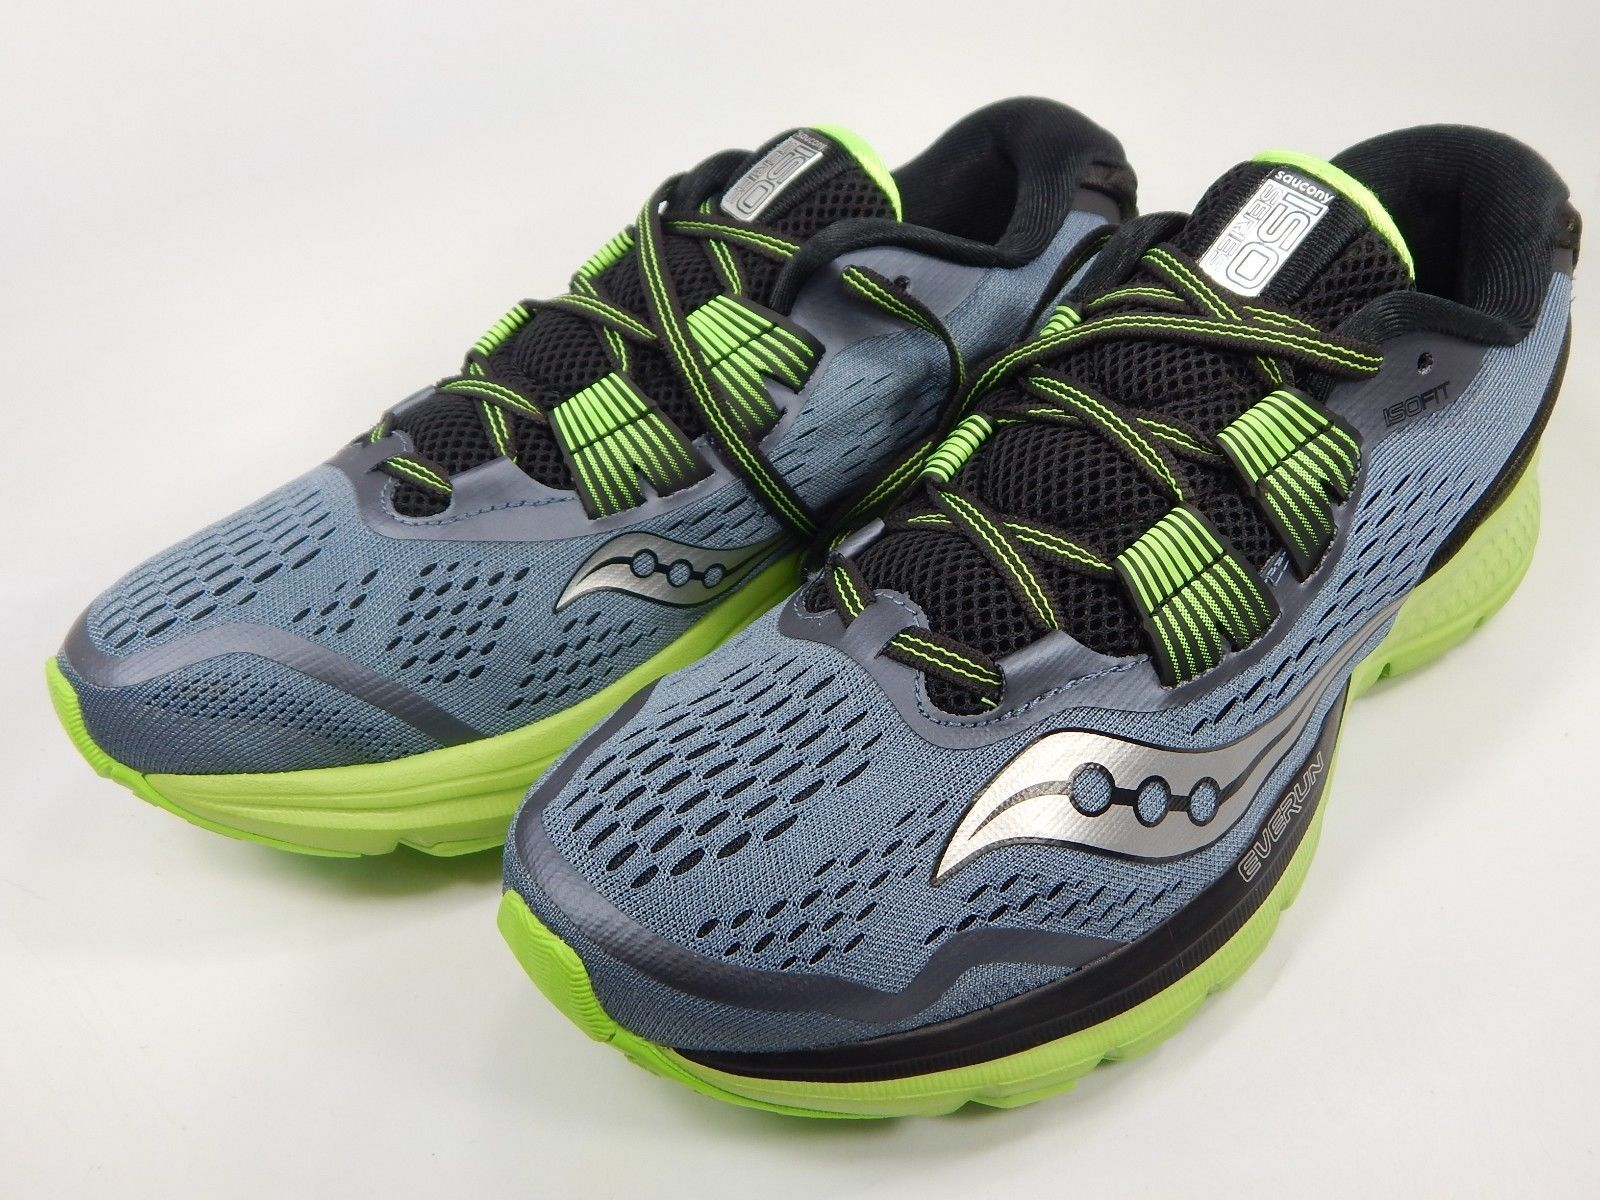 Saucony Zealot ISO 3 Men's Running Shoes Size US 9 M (D) EU 42.5 Grey S20369-1